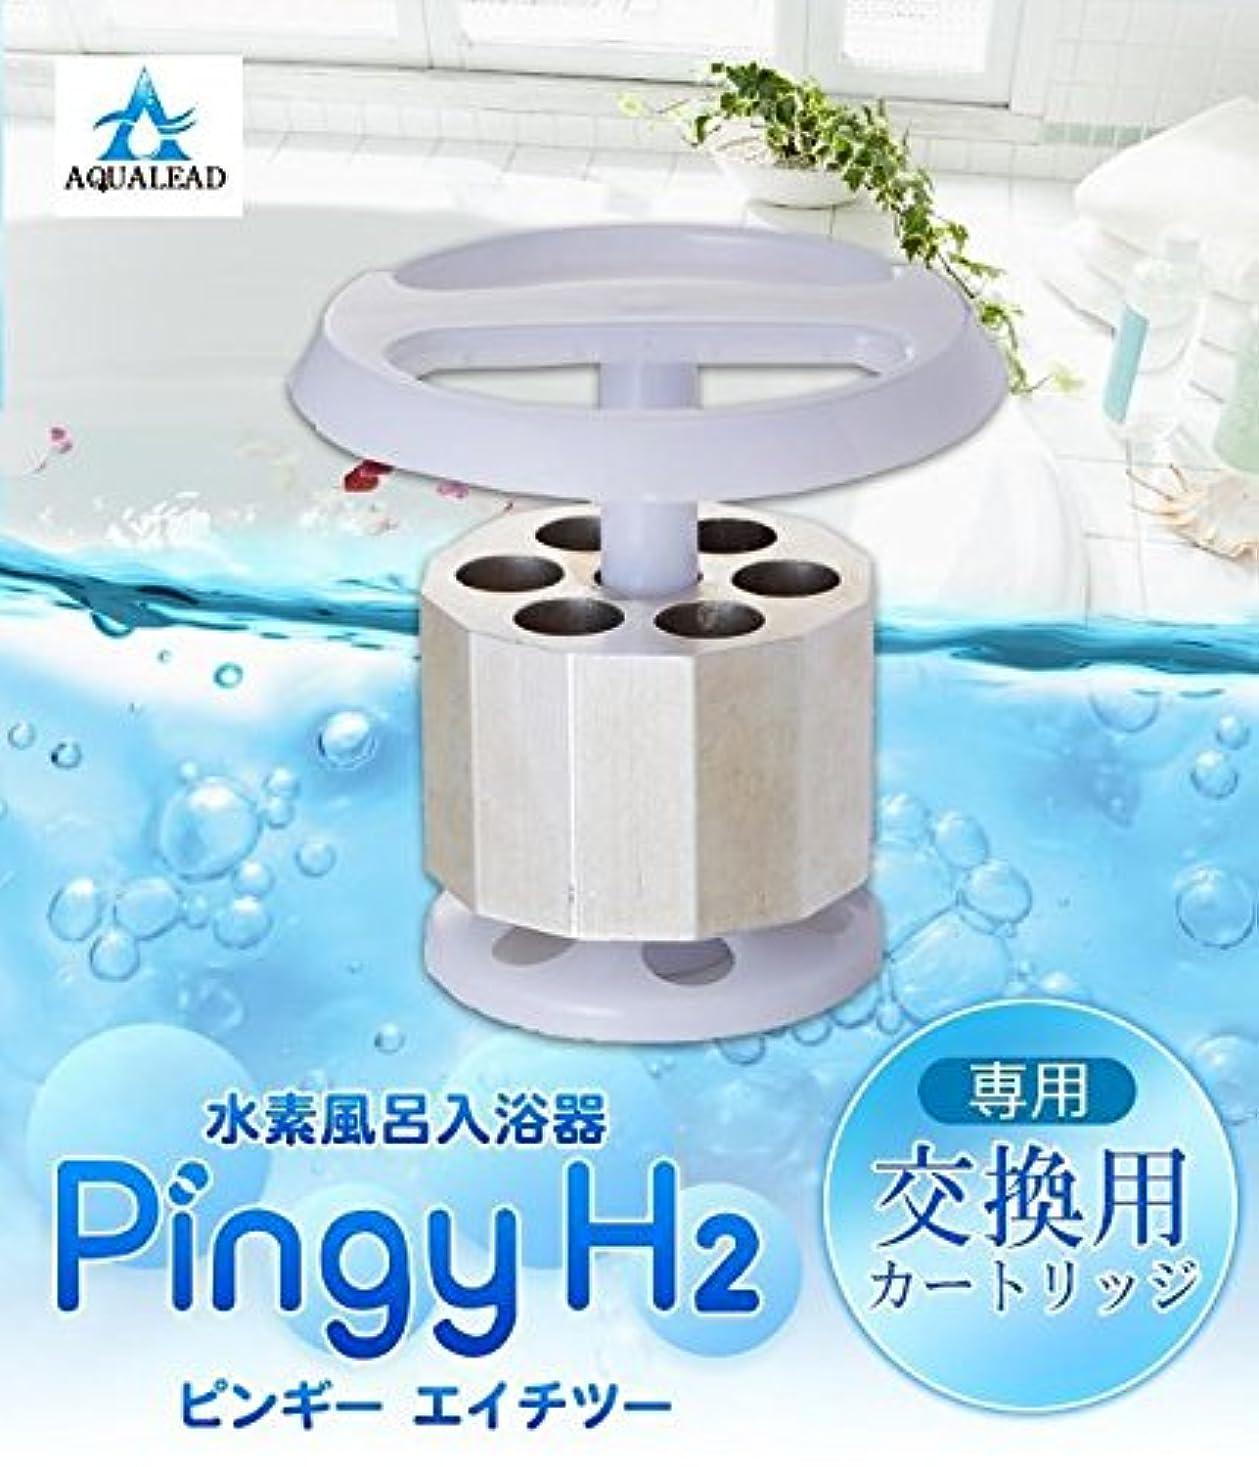 磁器キャロライン寄託水素風呂入浴器 ピンギー エイチツー(Pingy H2)専用 交換カートリッジ